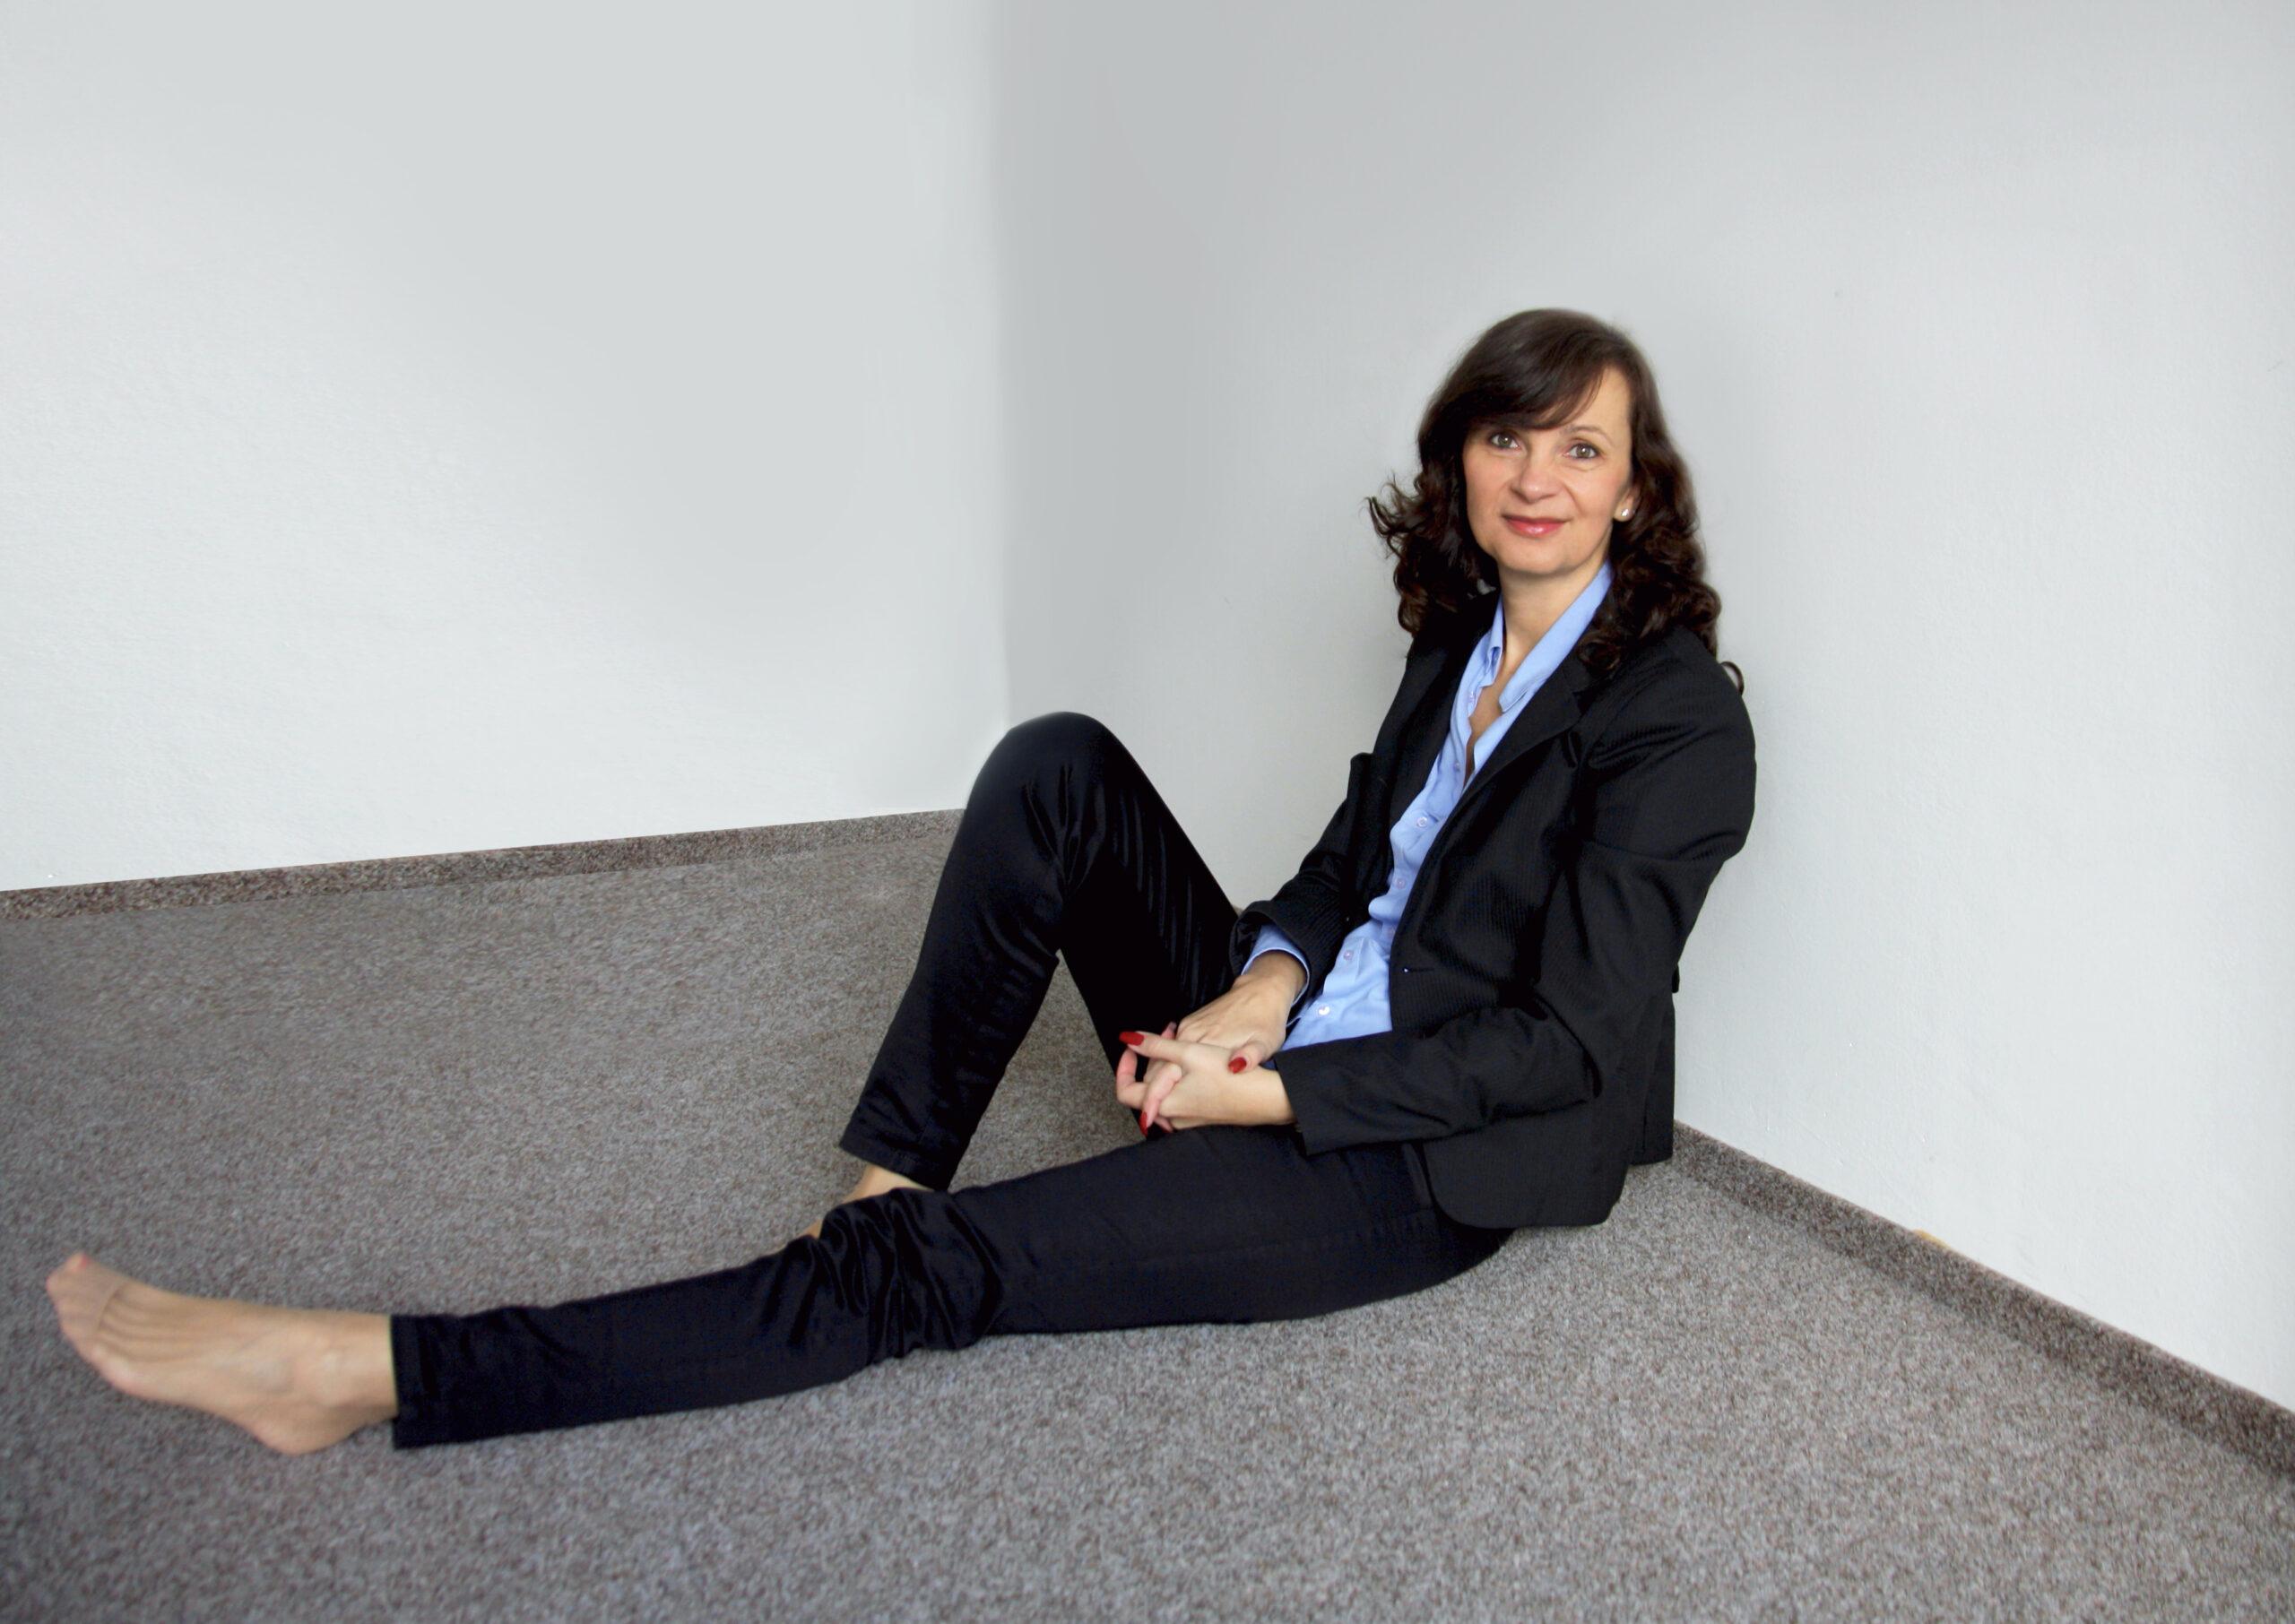 Adriana Těšínská profilová fotografie